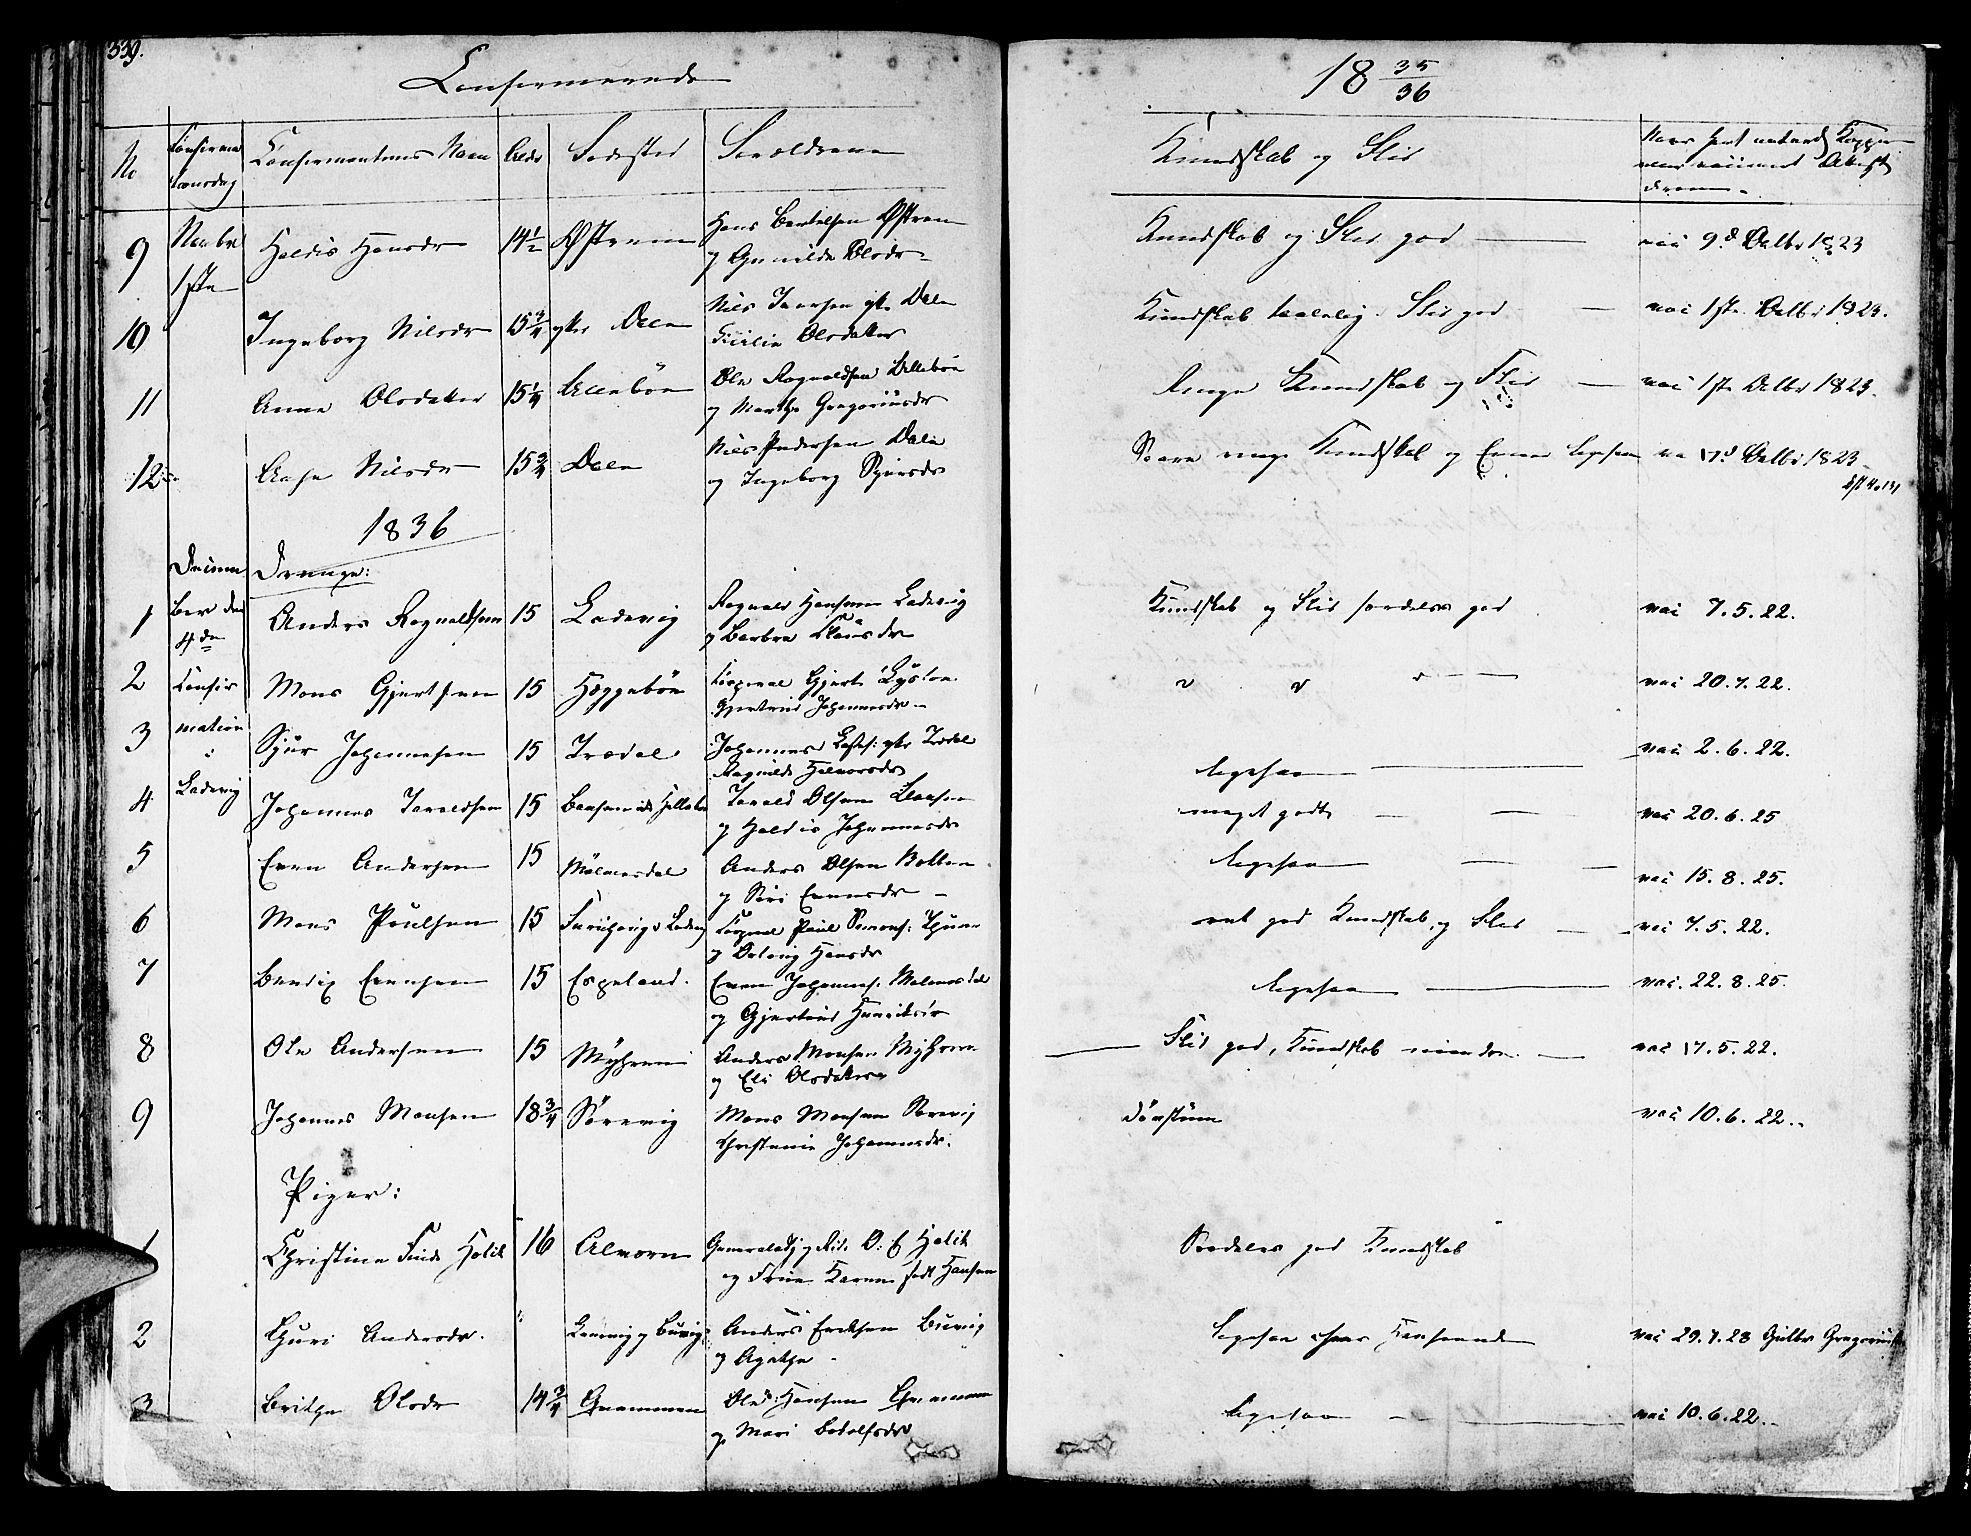 SAB, Lavik sokneprestembete, Ministerialbok nr. A 2I, 1821-1842, s. 339